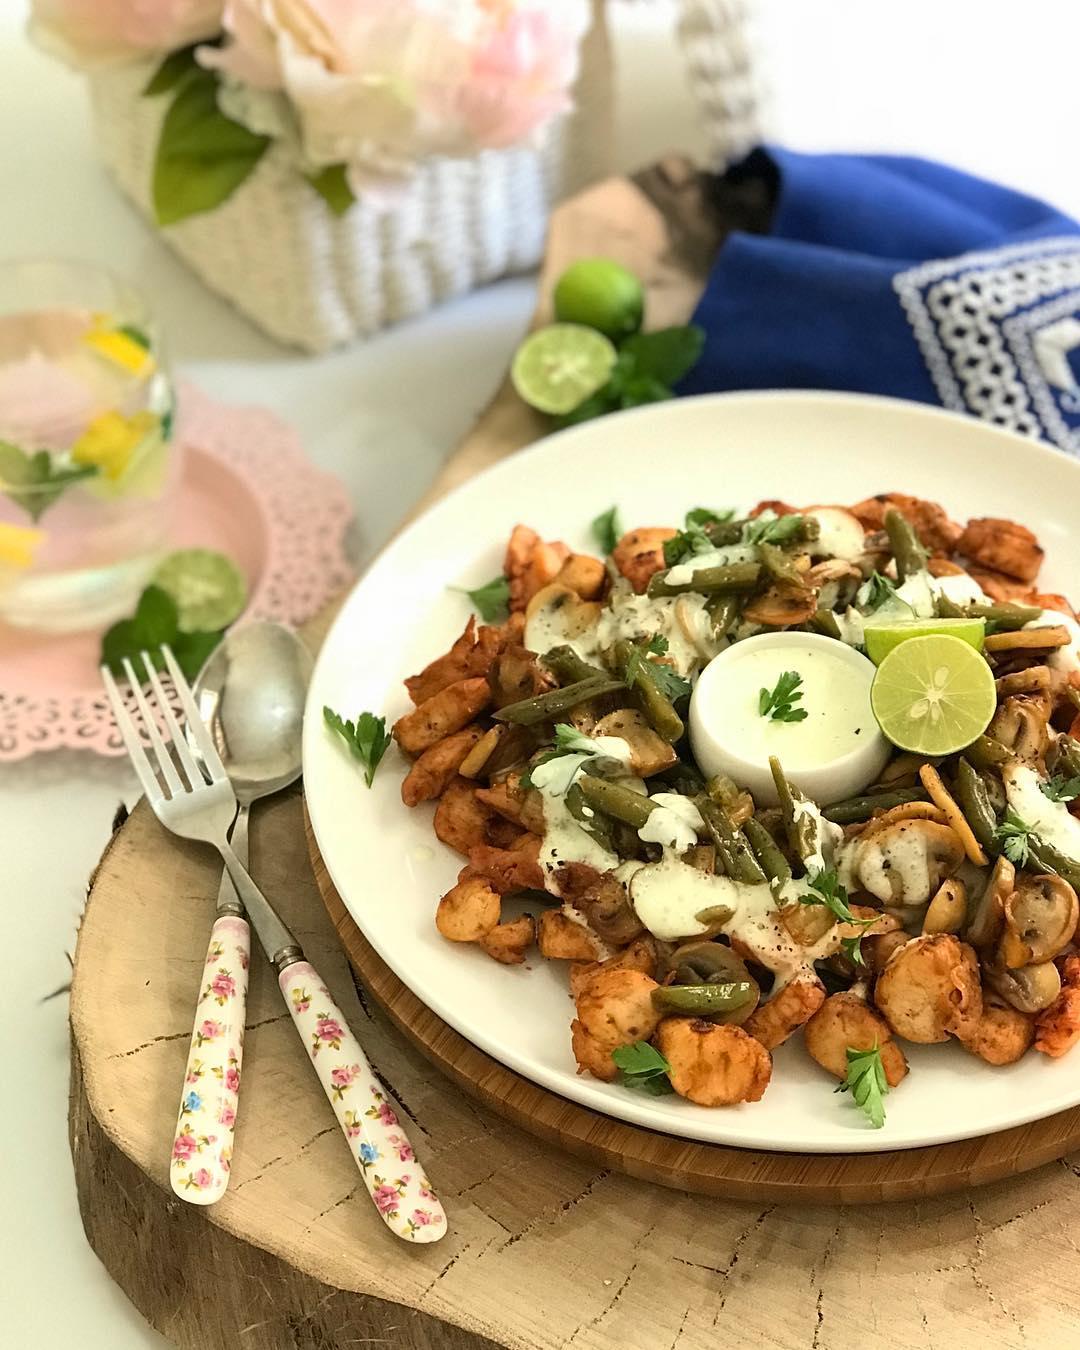 طرز تهیه خوراک مرغ و لوبیا سبز پنیری